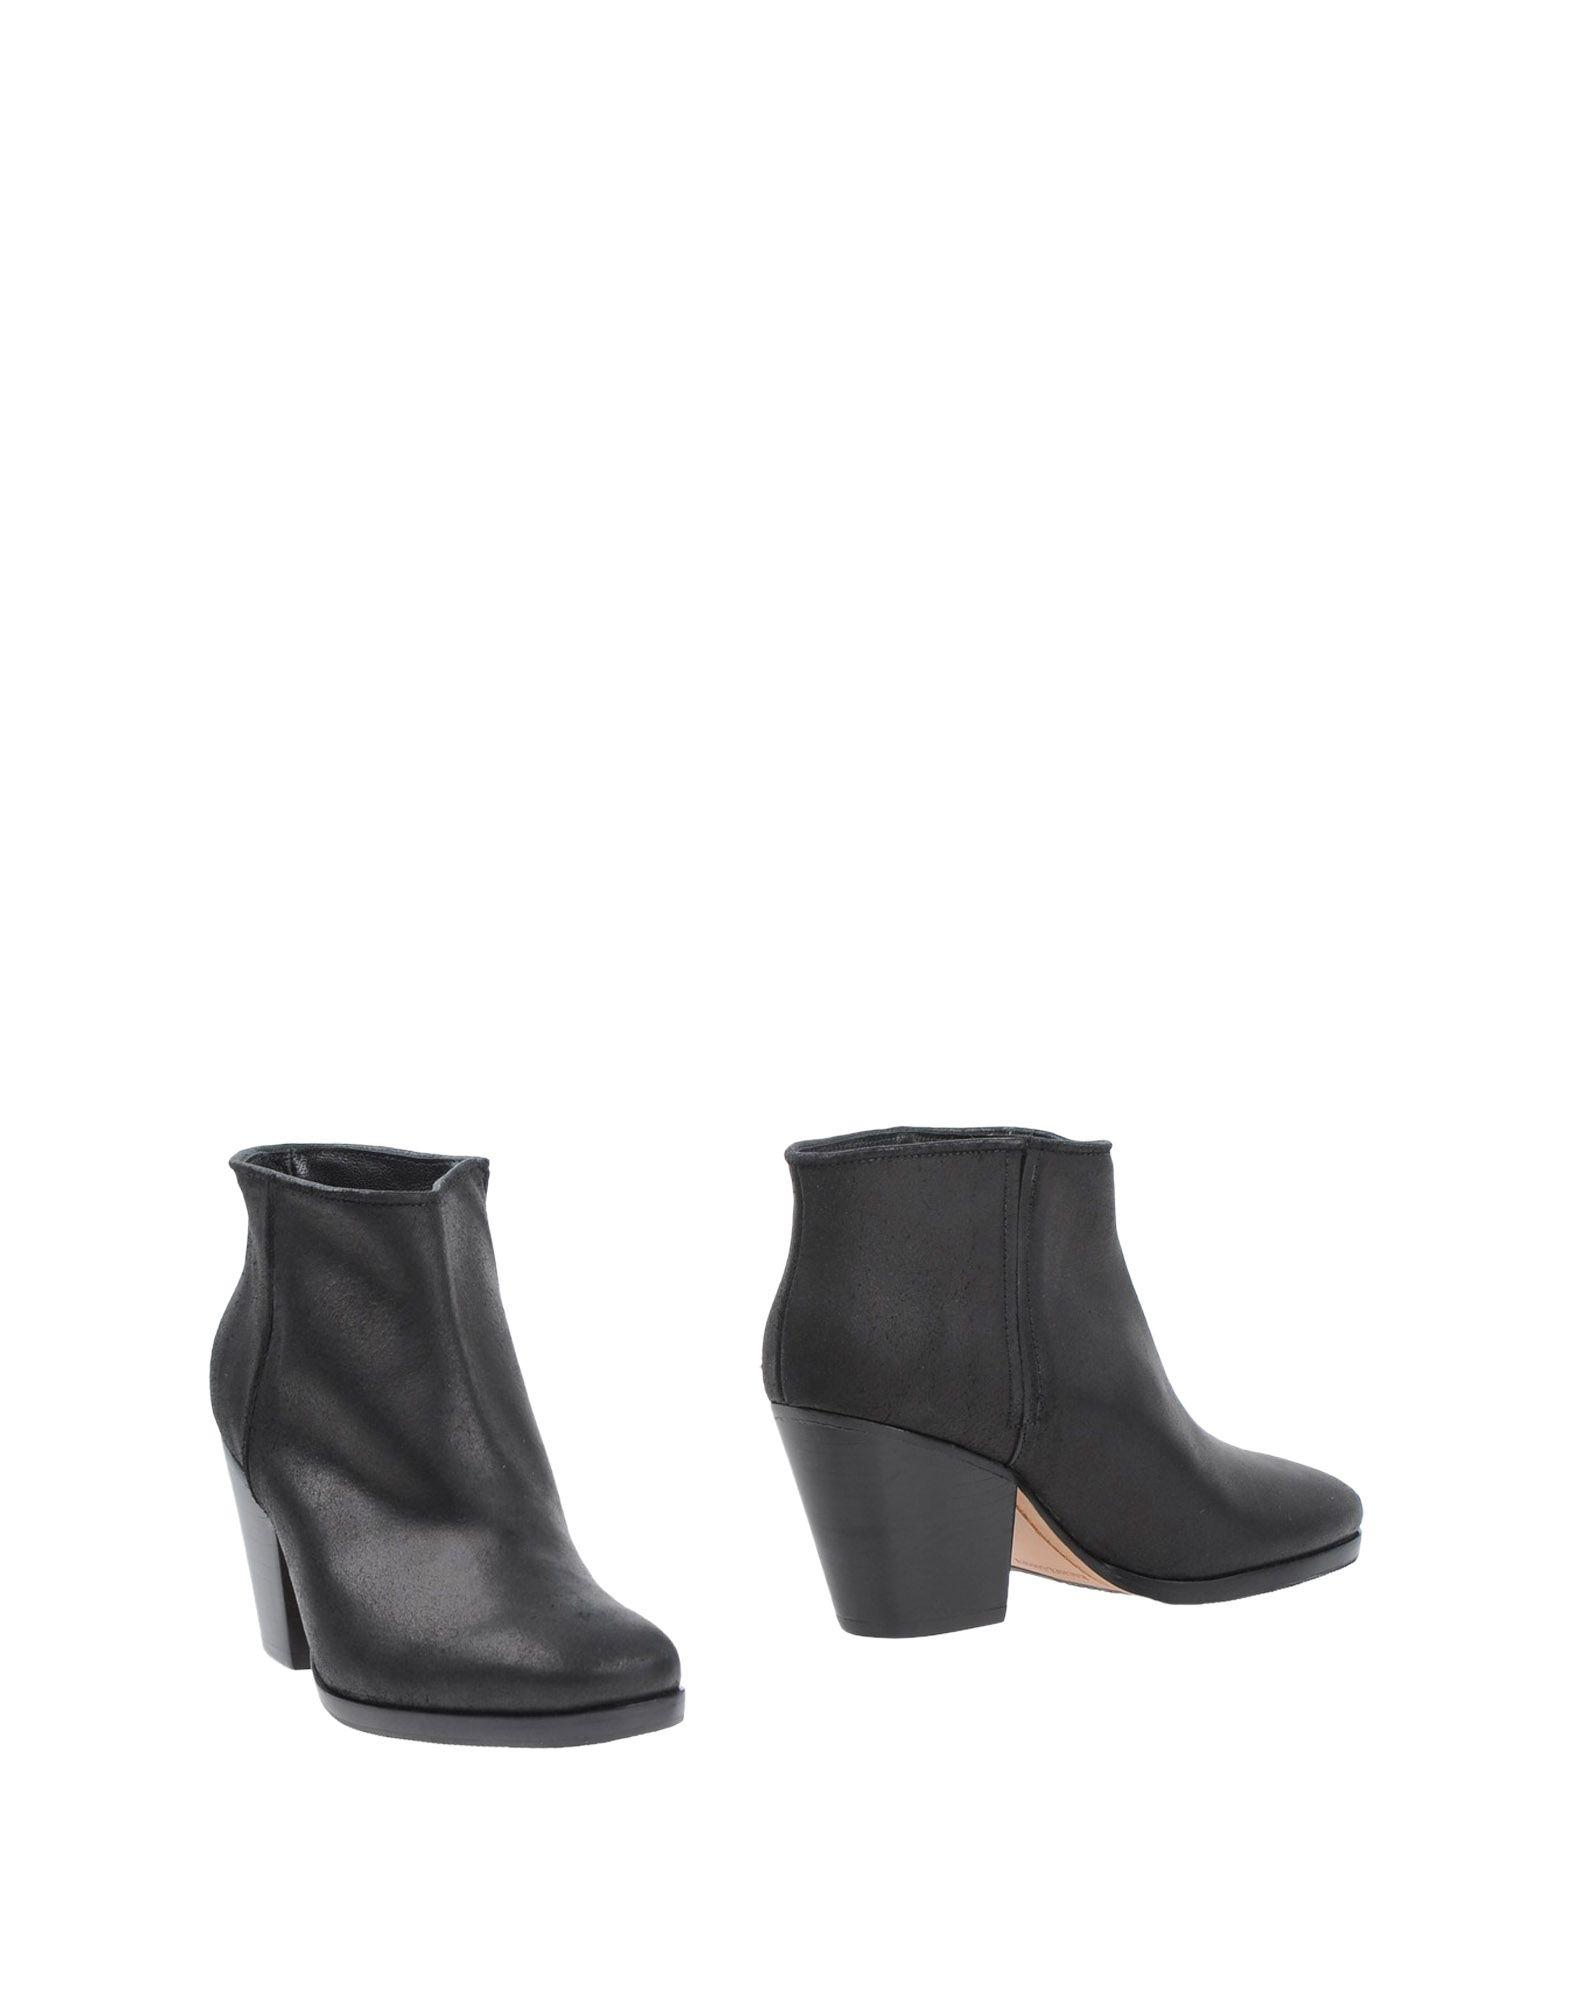 RACHEL COMEY Полусапоги и высокие ботинки сумка brilliant 2015 mj88 20150324myj1880